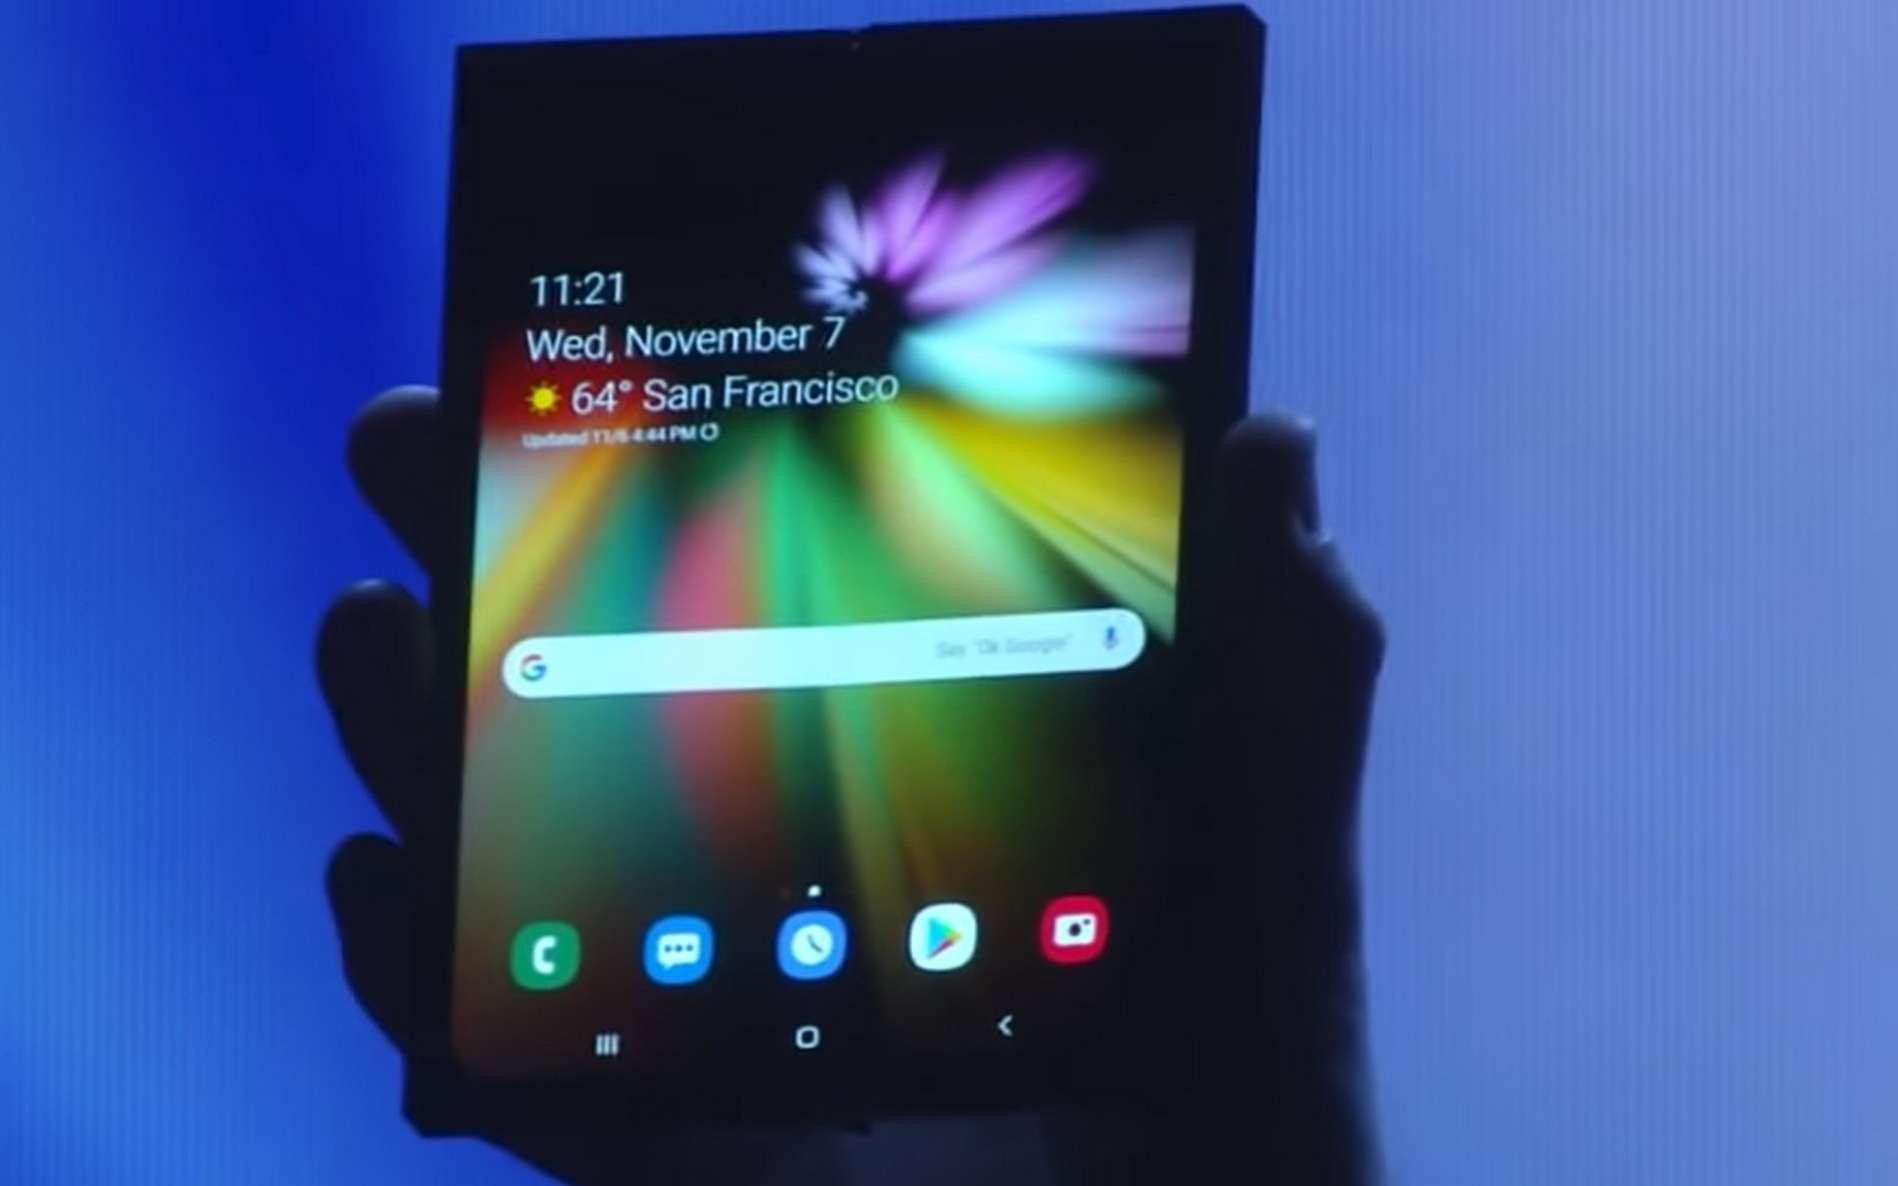 Le smartphone à écran pliable Infinity Flex Display. © Samsung